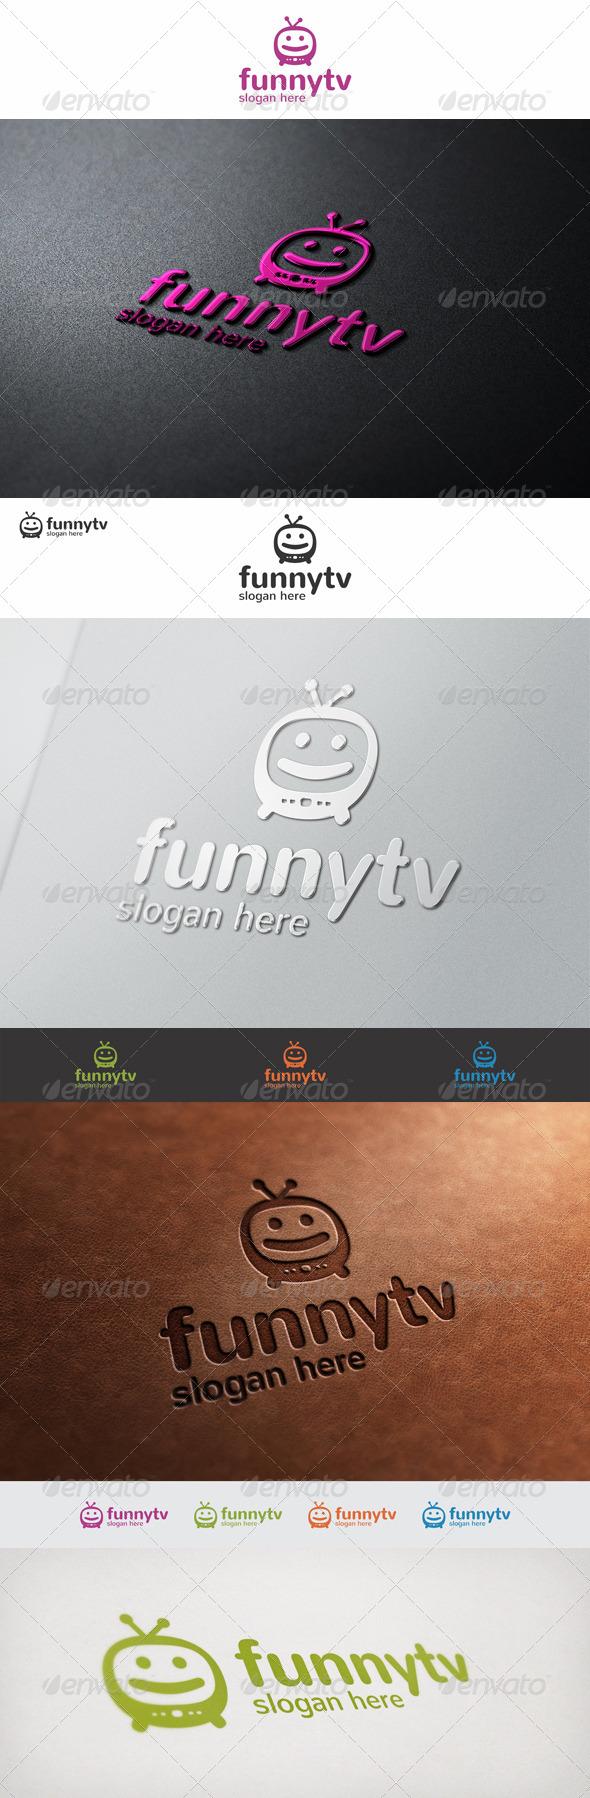 GraphicRiver Funny TV Logo 7507901